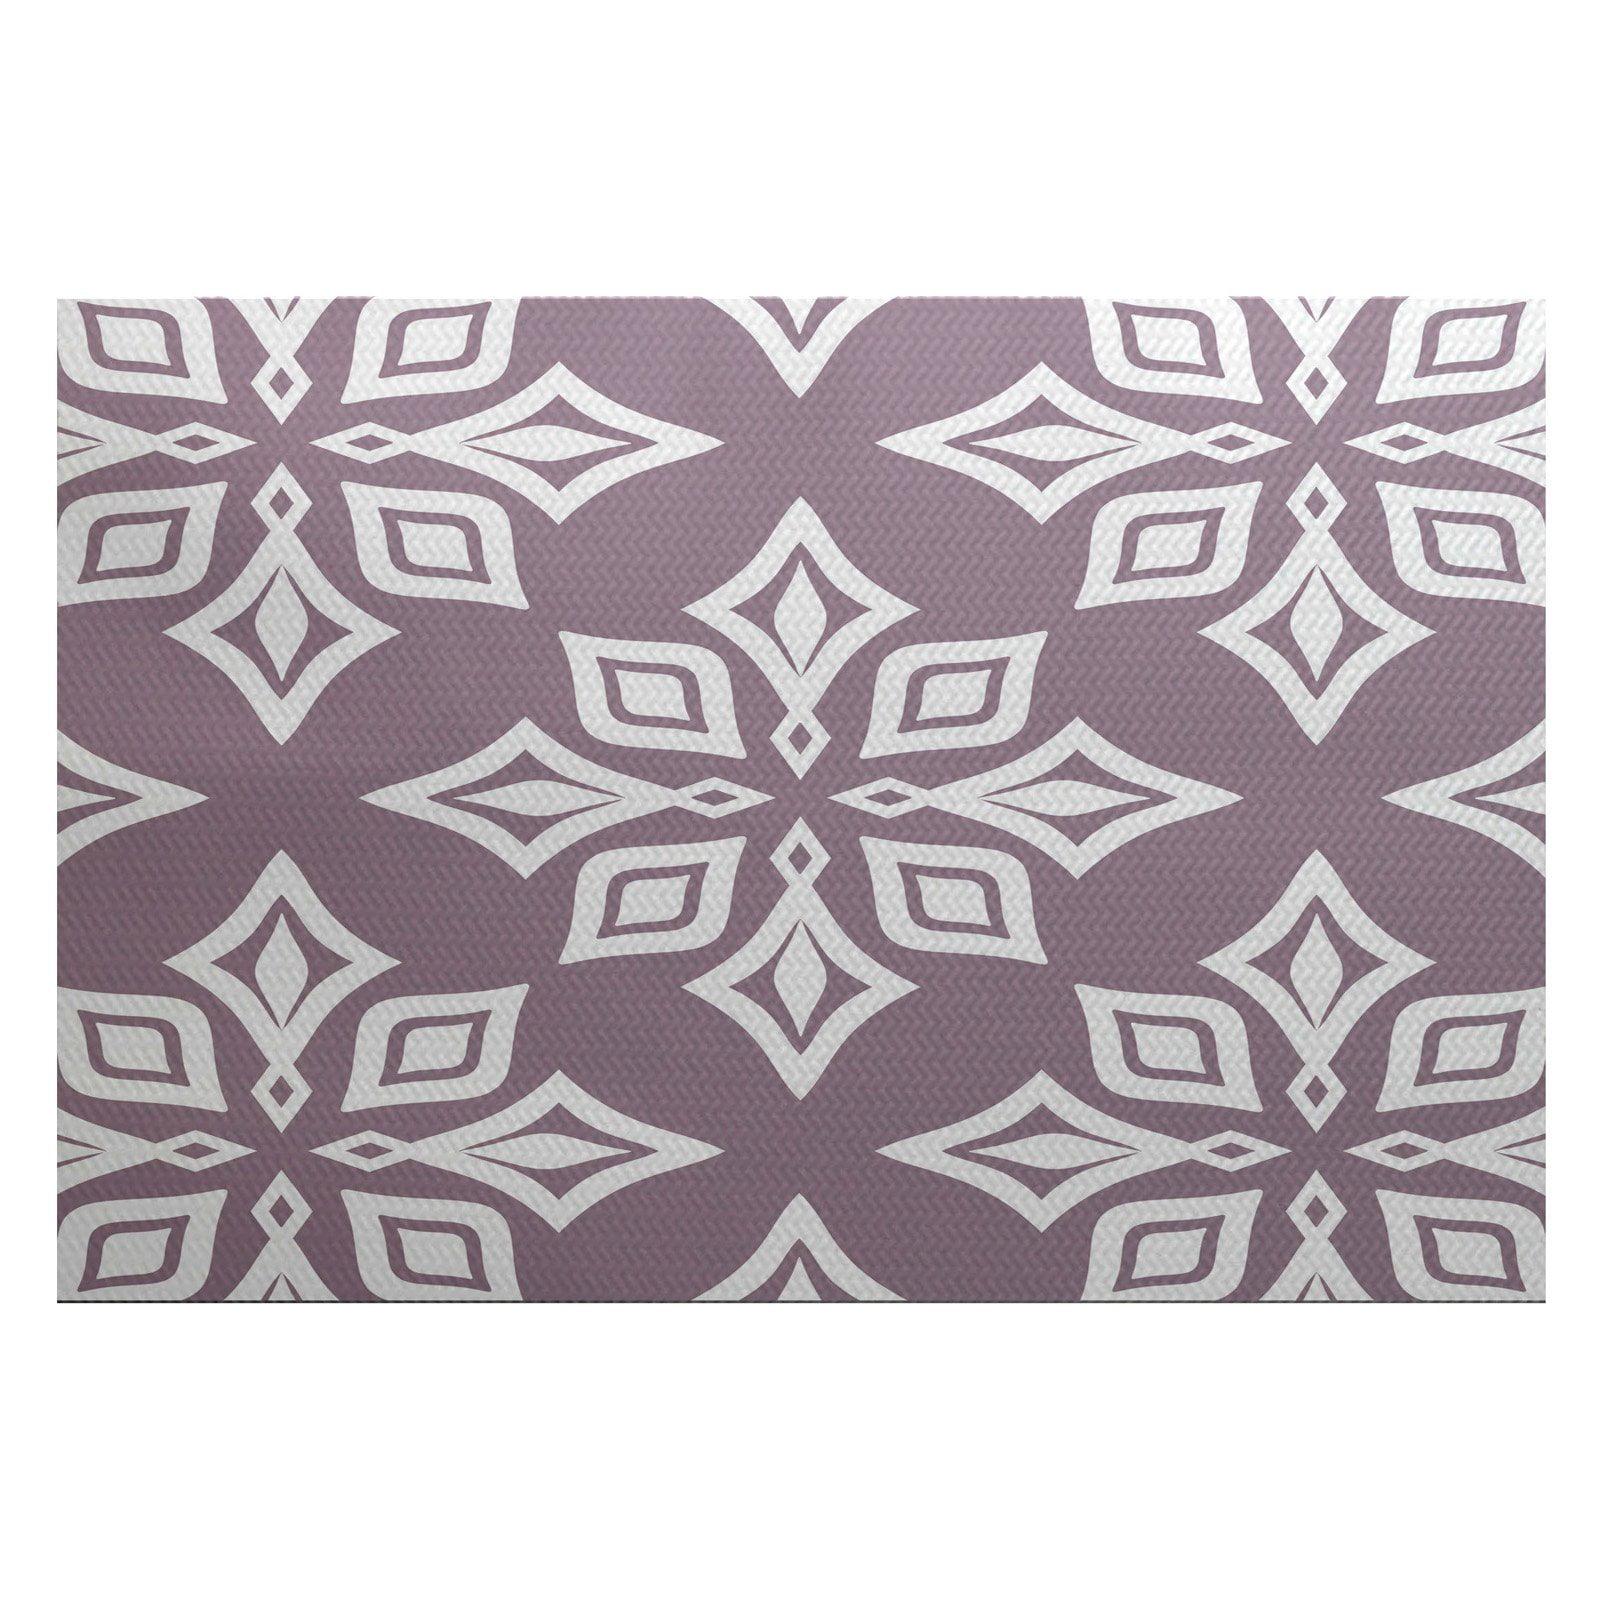 Simply Daisy 3' x 5' Beach Star Geometric Print Indoor Rug